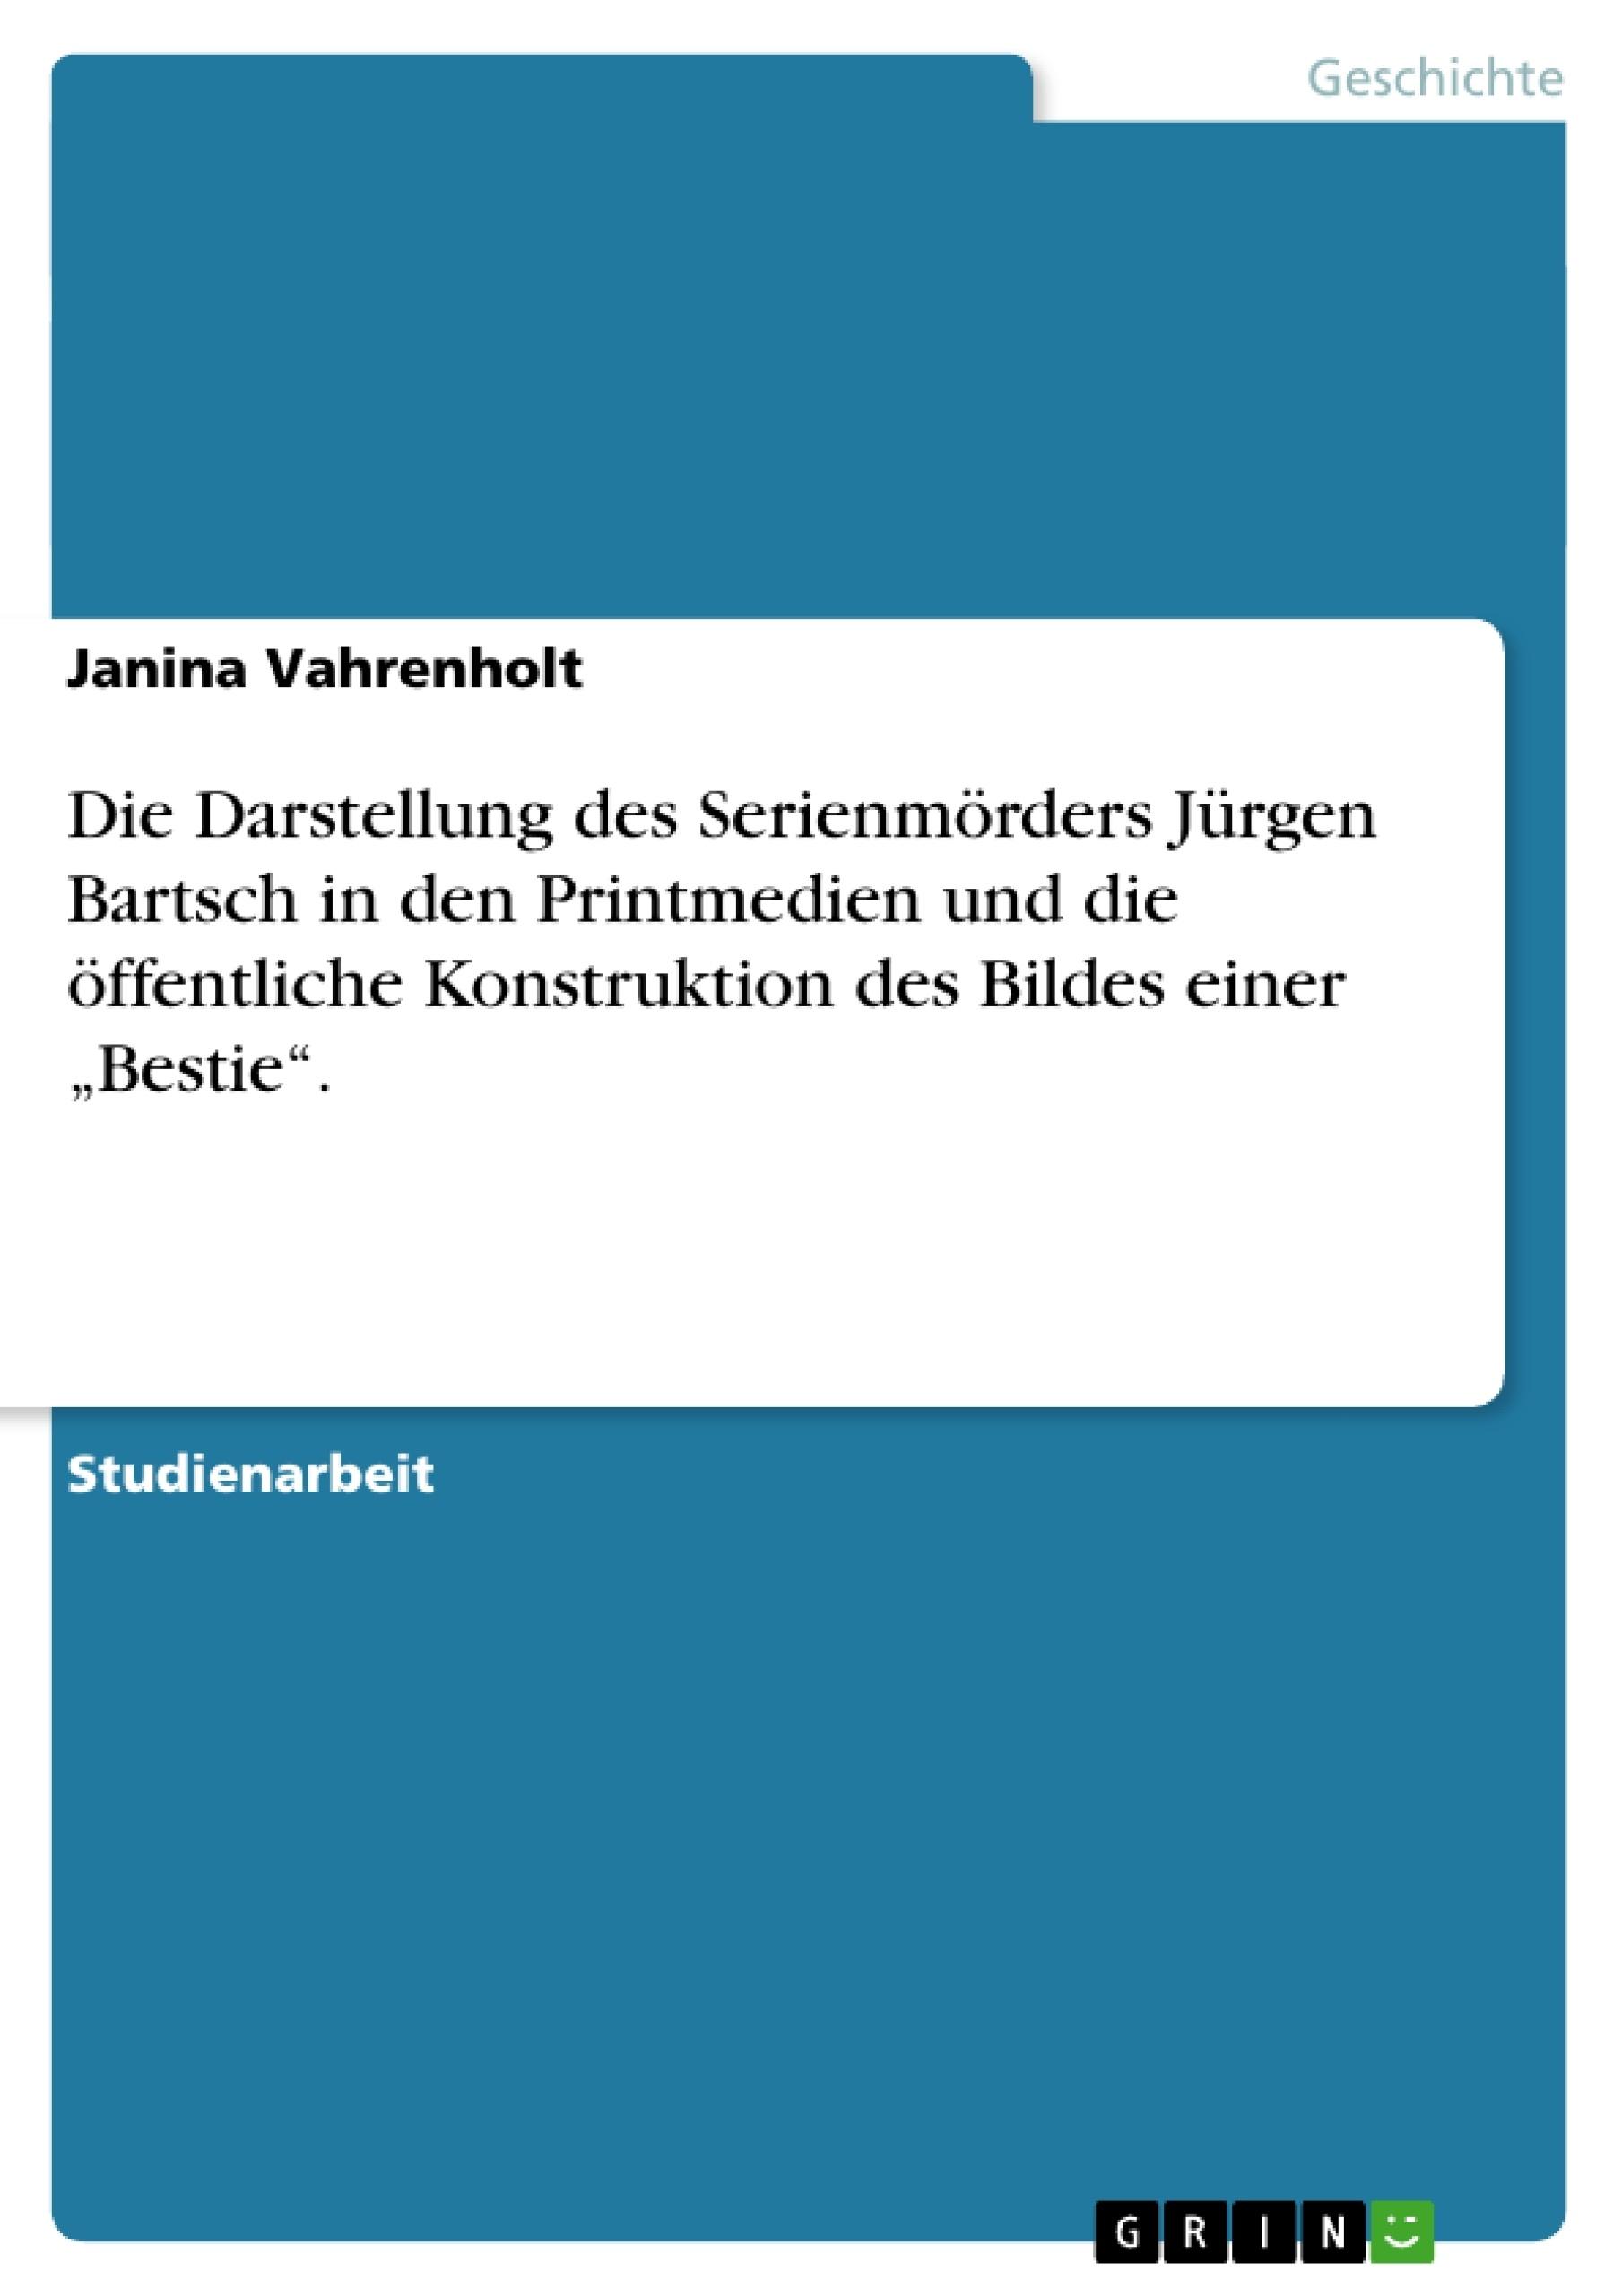 """Titel: Die Darstellung des Serienmörders Jürgen Bartsch in den Printmedien und die öffentliche Konstruktion des Bildes einer """"Bestie""""."""